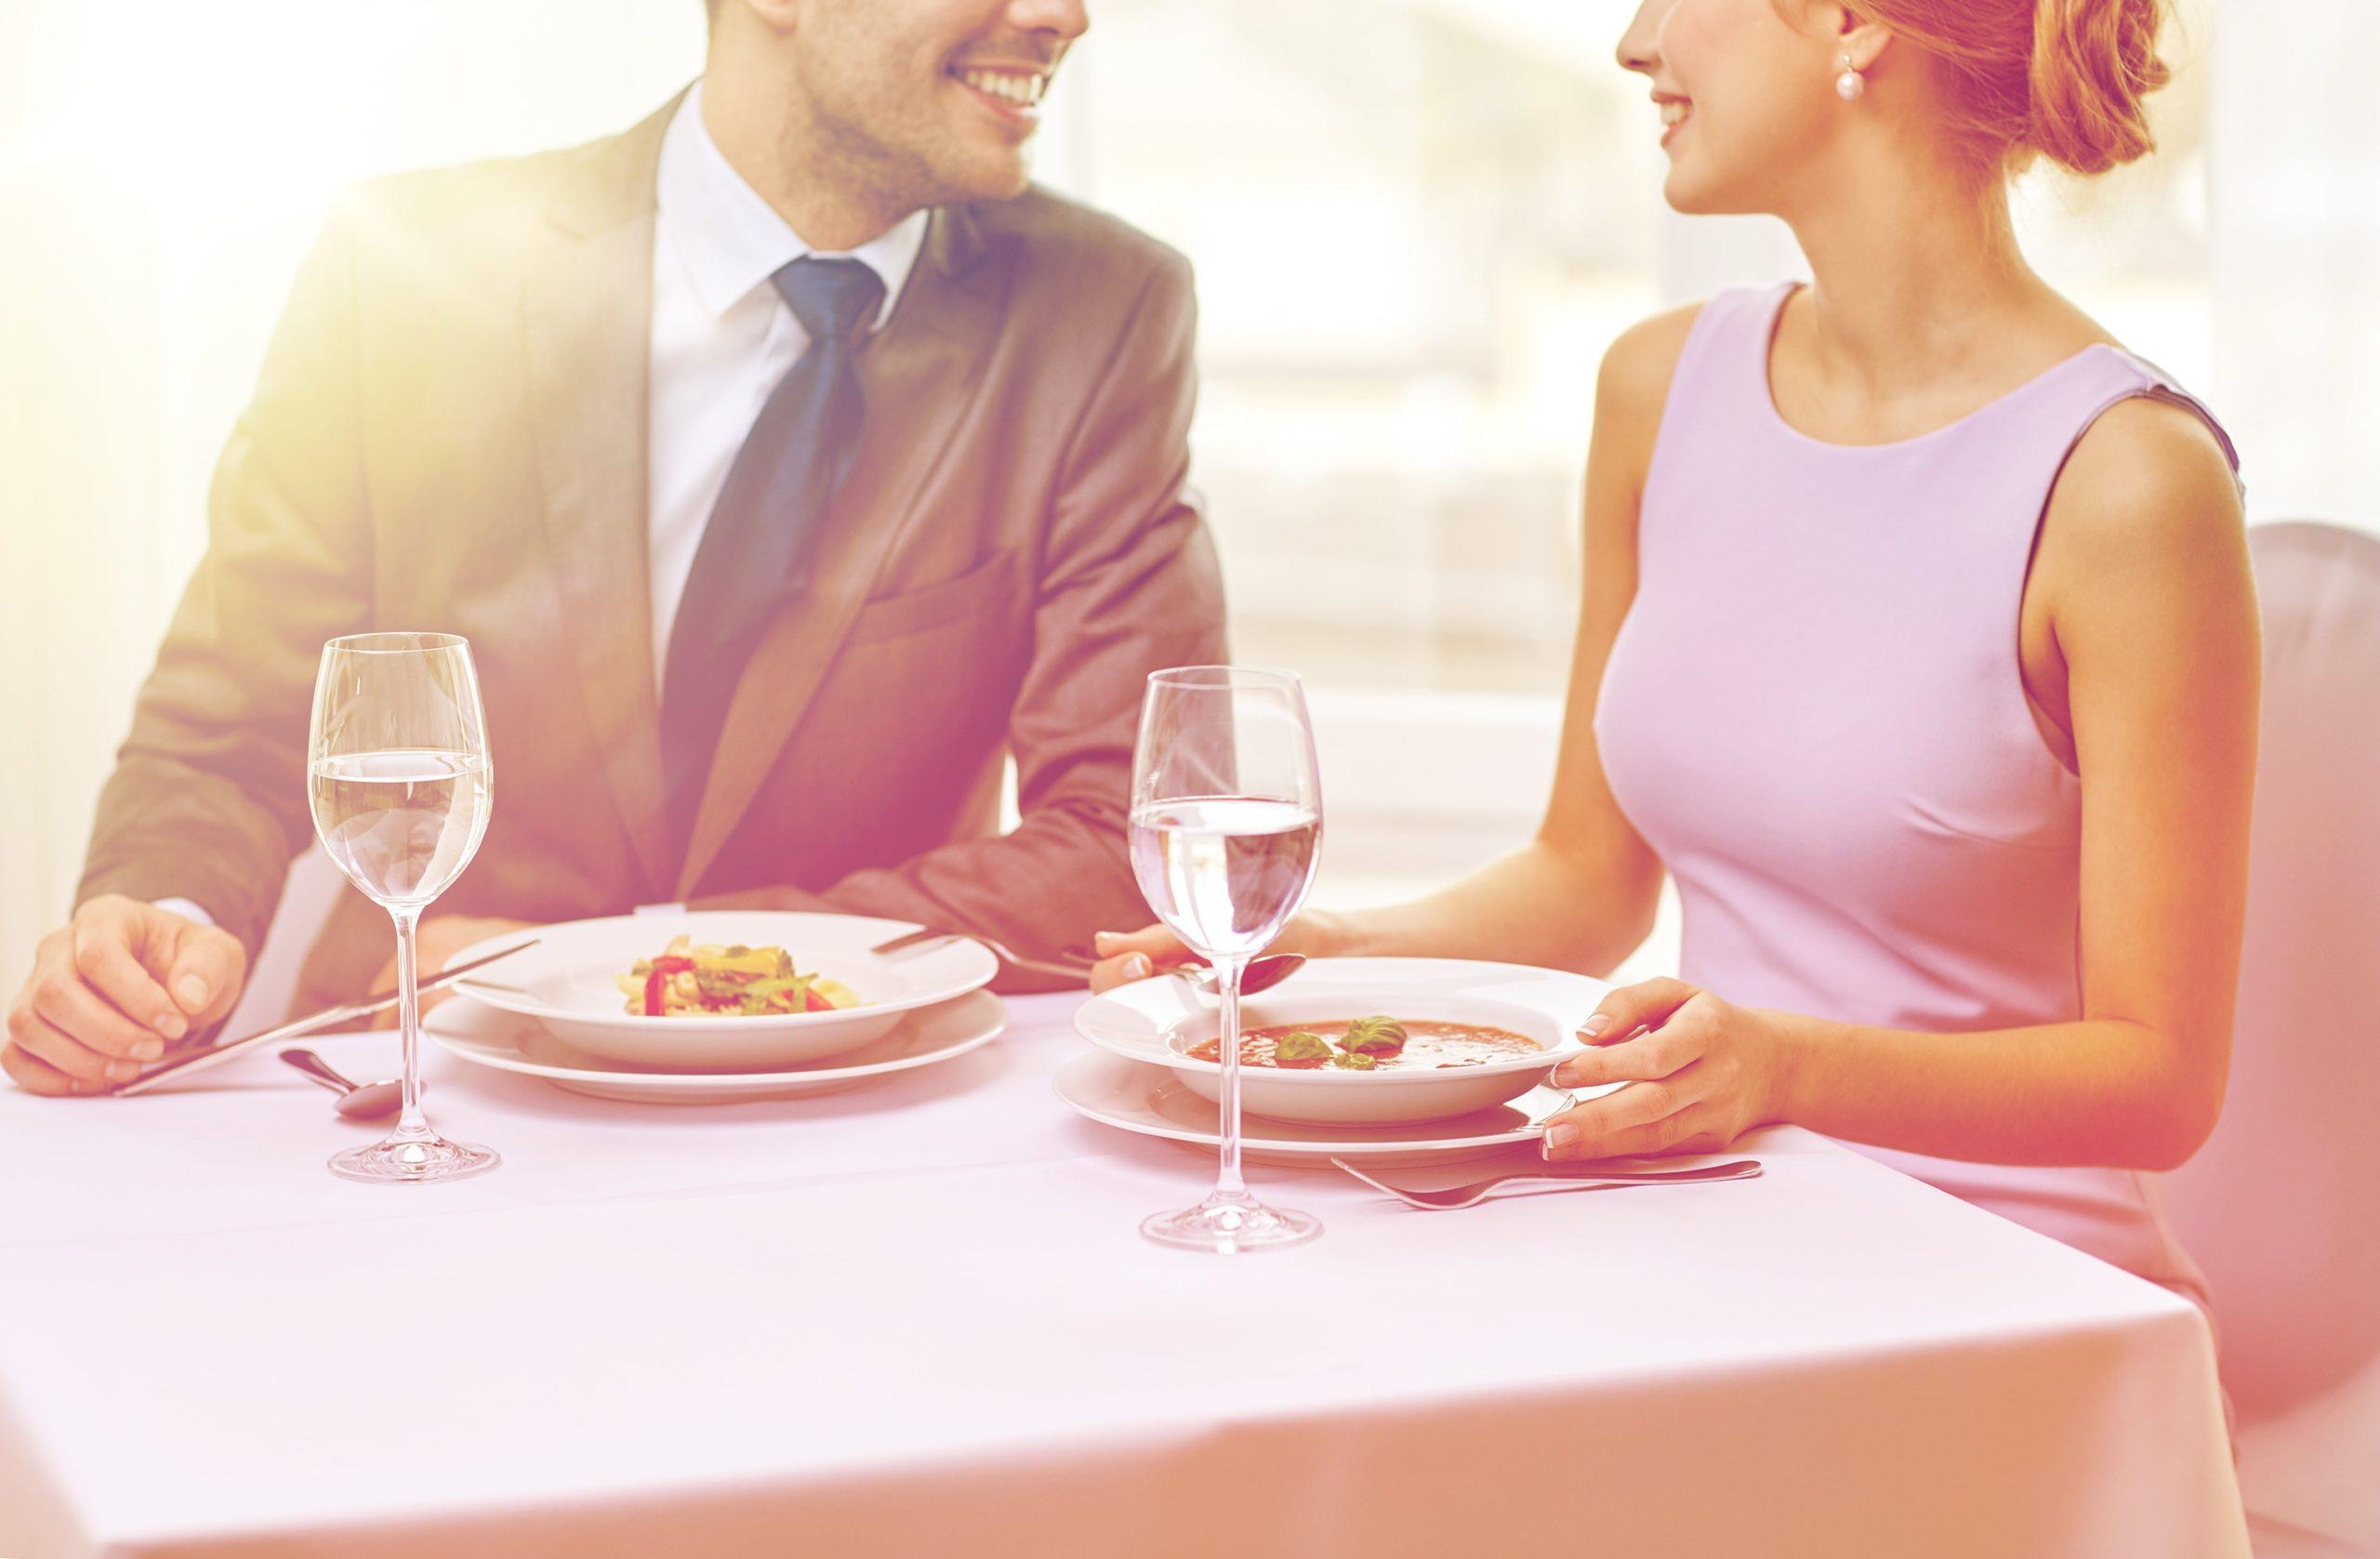 Jak się ubrać na randkę? Mężczyzna wcale nie musi w garnitur!